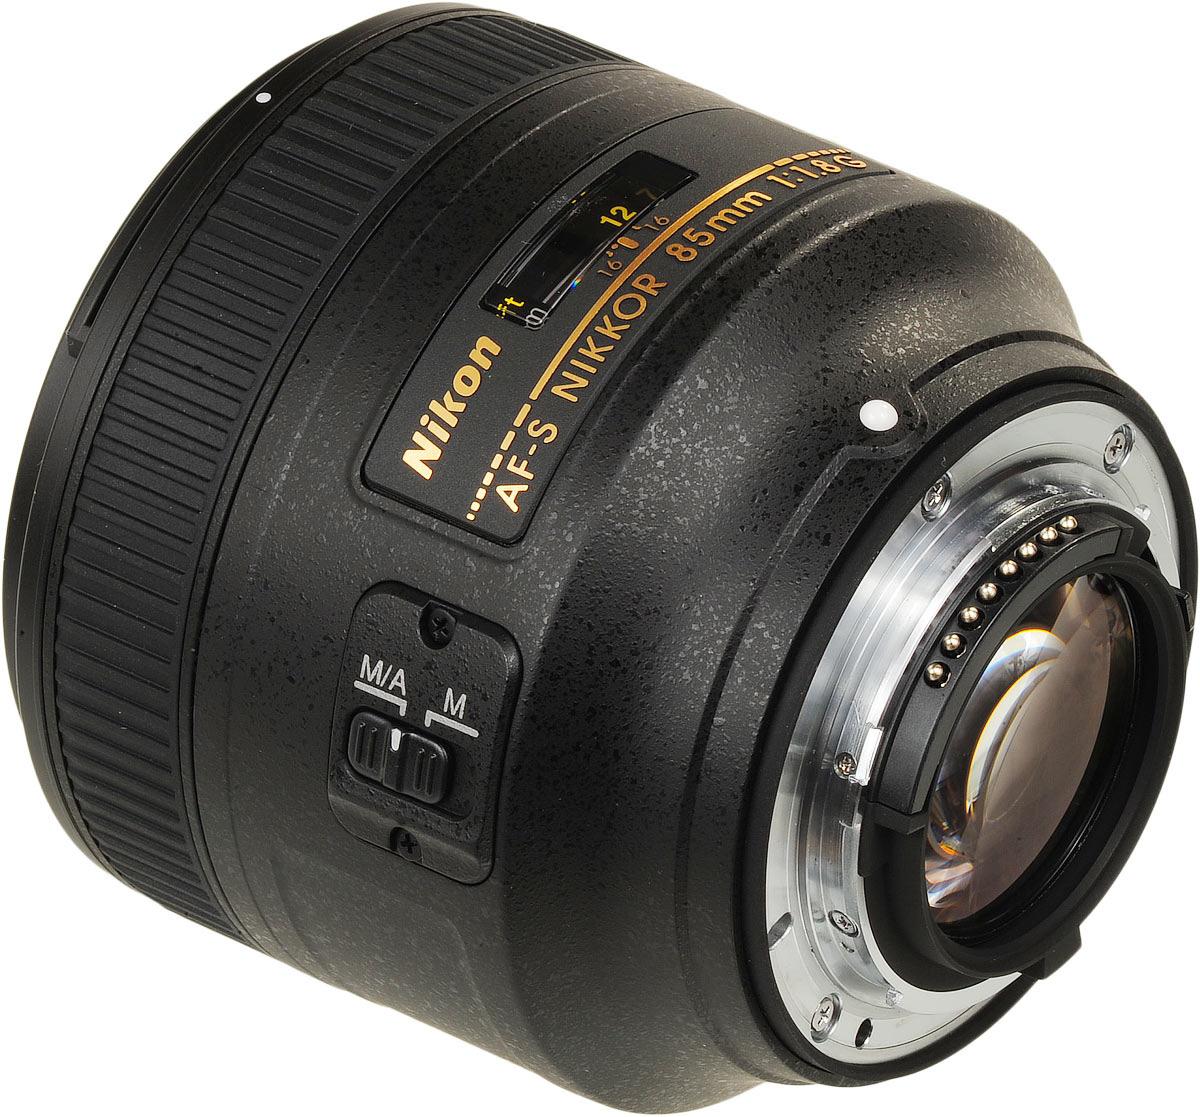 объективы на зеркальные фотокамеры никон бирке